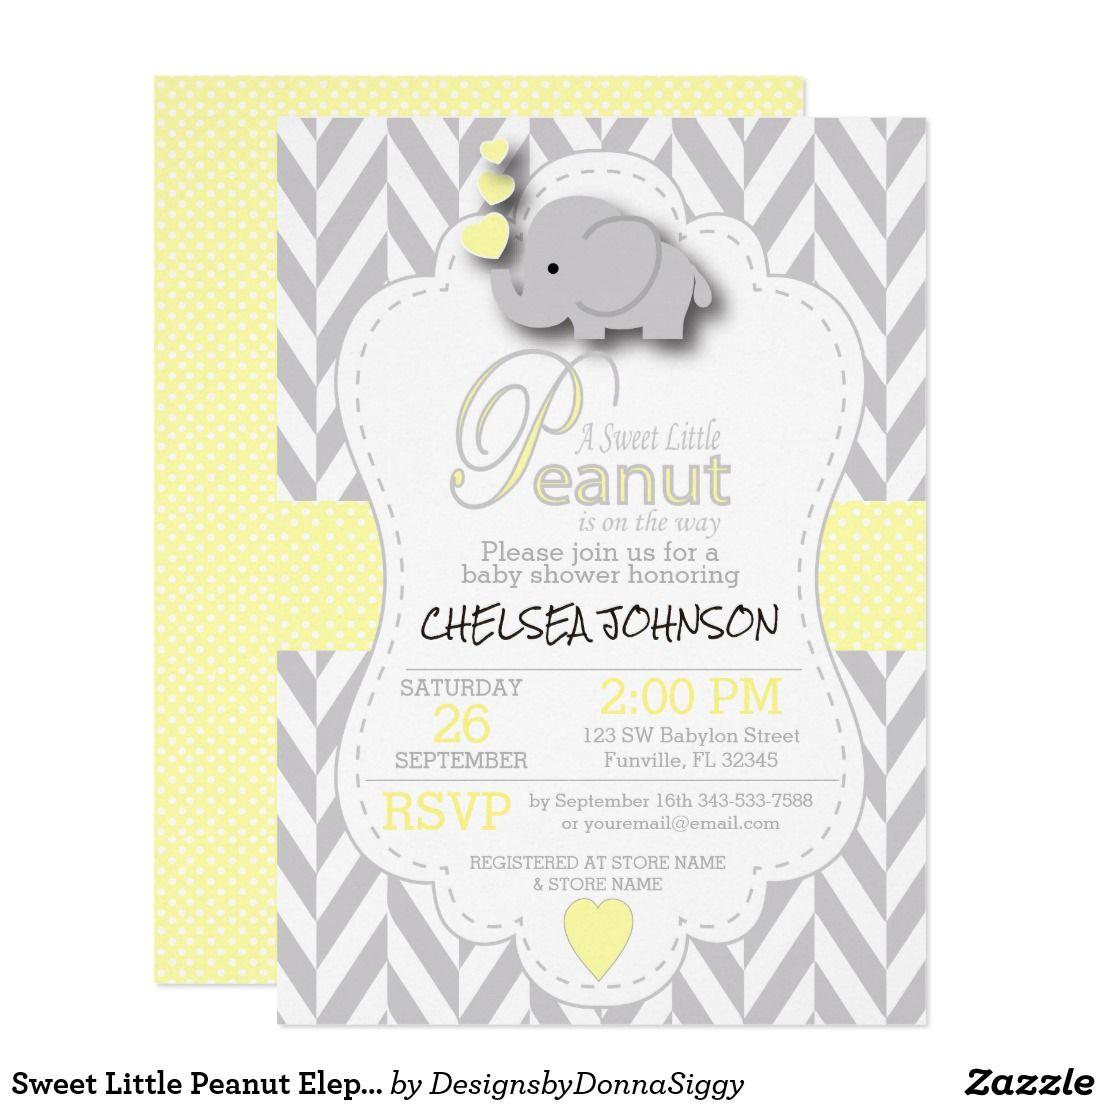 Sweet Little Peanut Elephant Baby Shower Invitation Zazzle